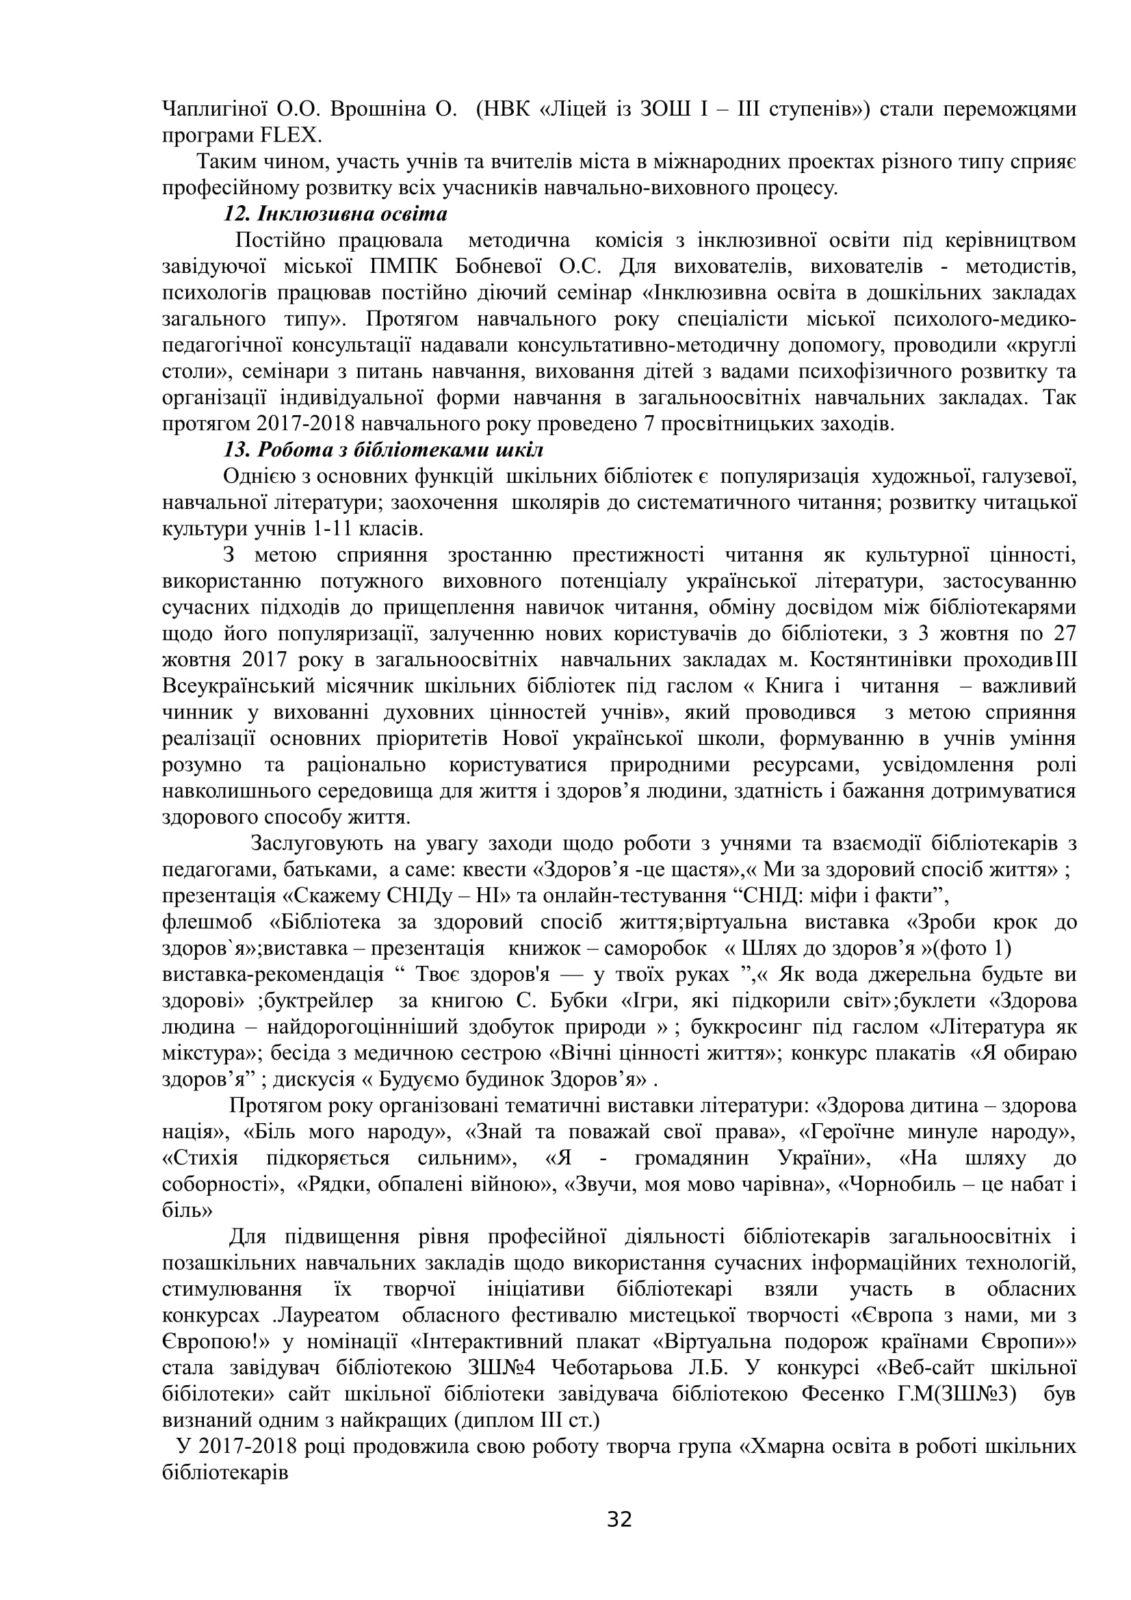 Костянтинівка 2018-2019 - ММК план роботи-33